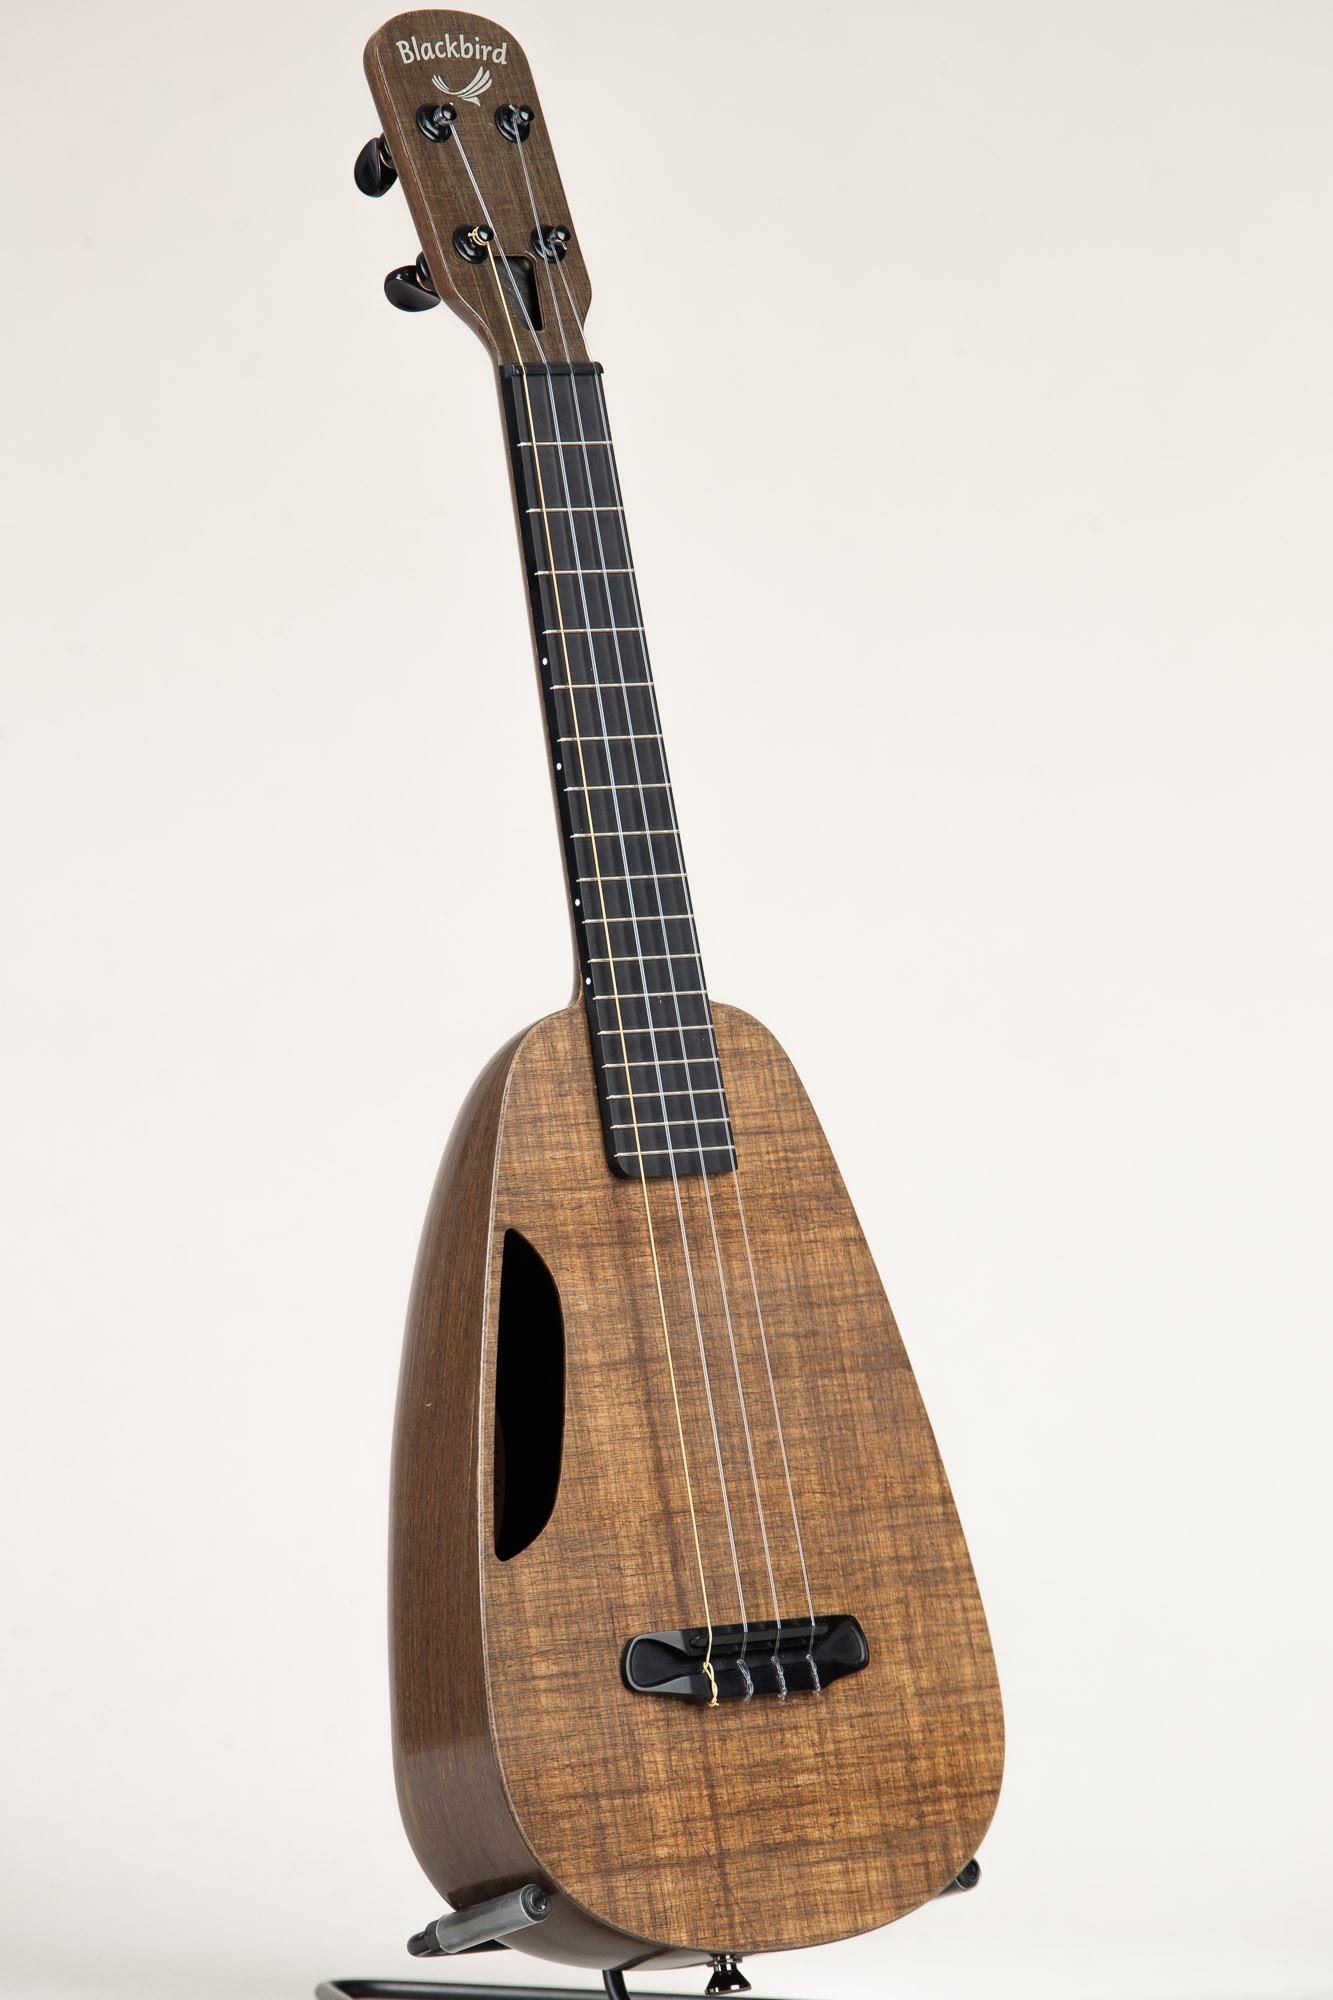 Blackbird Concert Ukulele (Clara 3304)